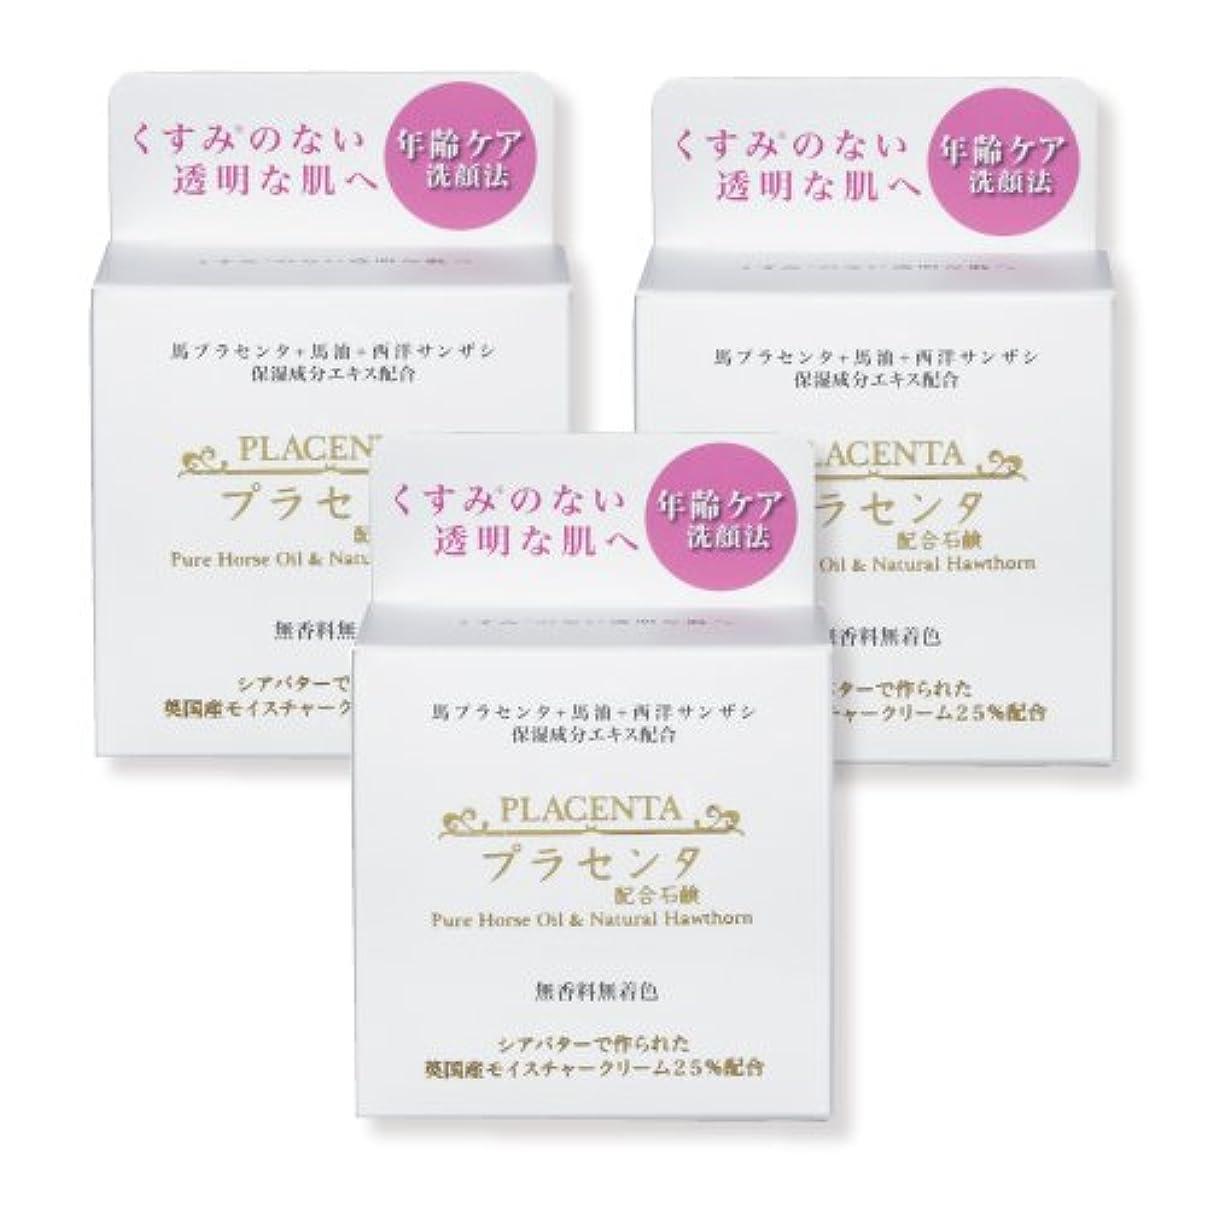 高度人道的余暇【3個セット割】プラセンタ+馬油+西洋サンザシ配合石鹸 抗糖化を目指した年齢ケア洗顔